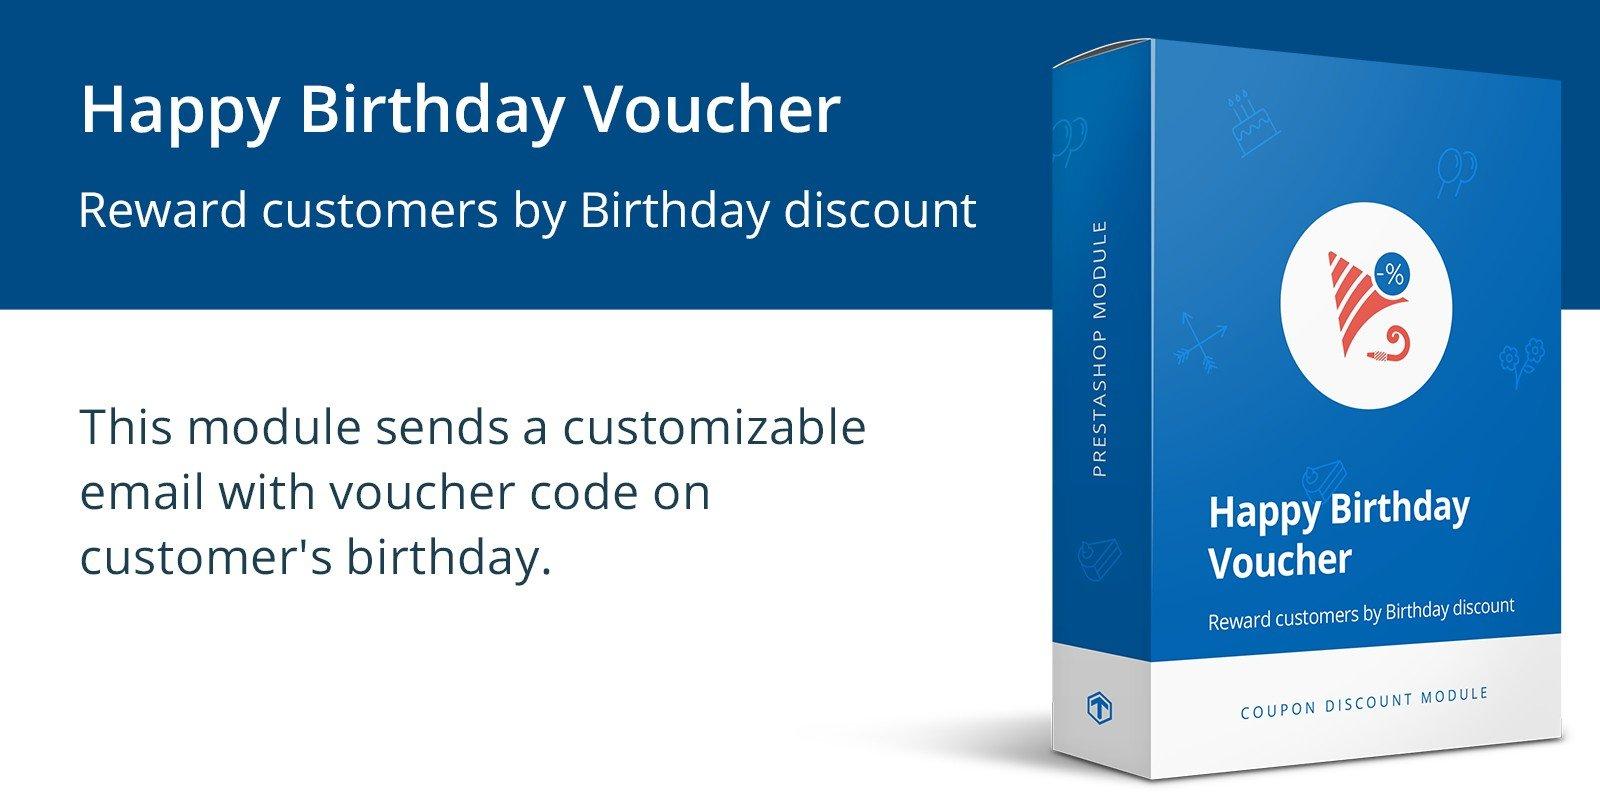 Happy Birthday Voucher - PrestaShop Module